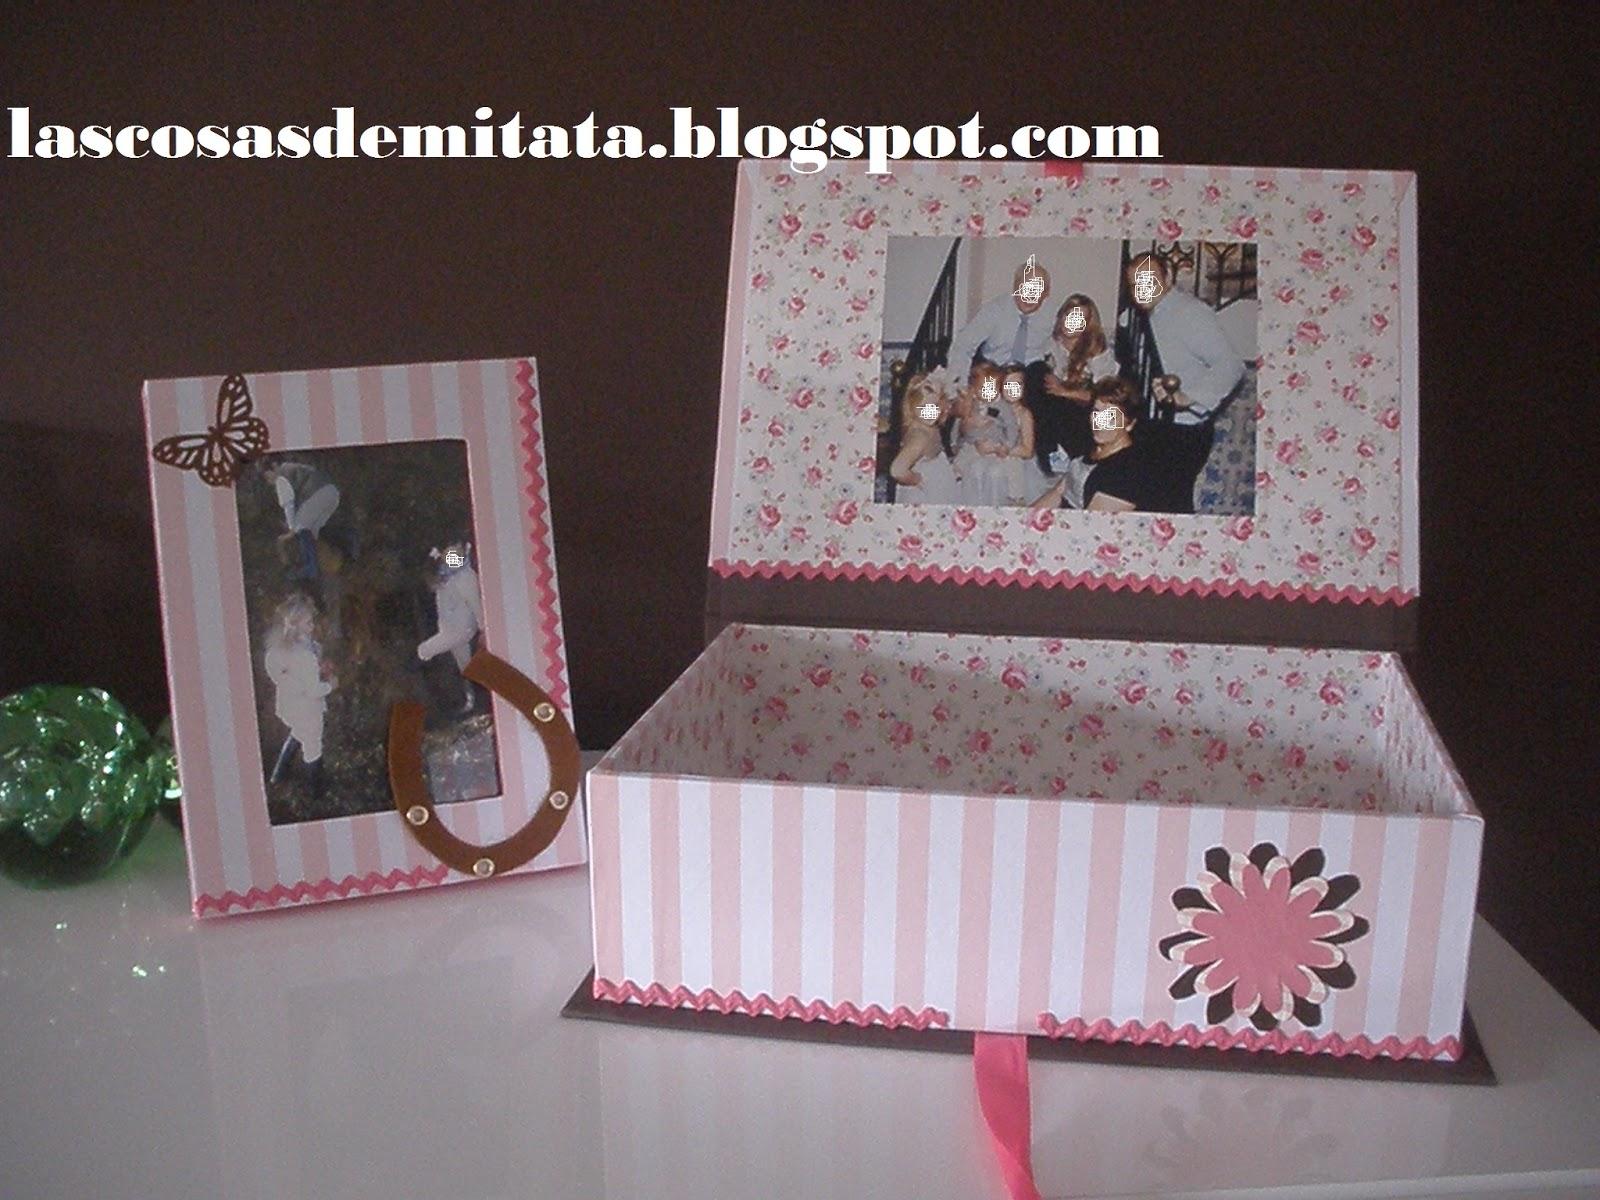 Las cosas de mi tata caja personalizada con foto marco for Cajas personalizadas con fotos